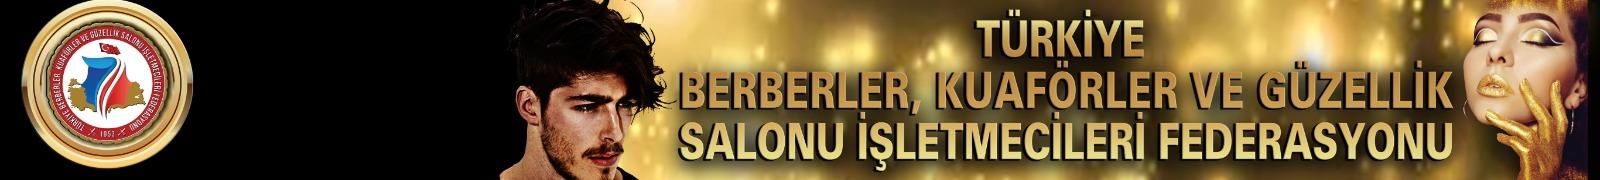 Türkiye Berberler,Kuaförler ve Güzellik Salonu İşletmecileri Federasyonu